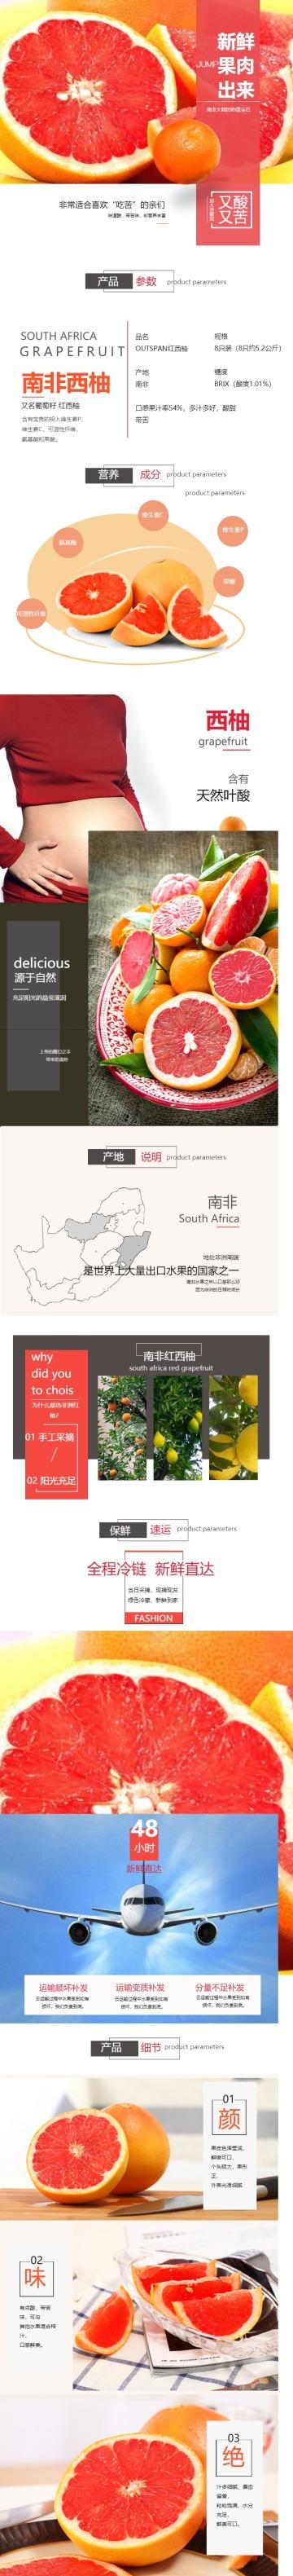 清新简约百货零售生鲜水果红柚子促销电商详情页